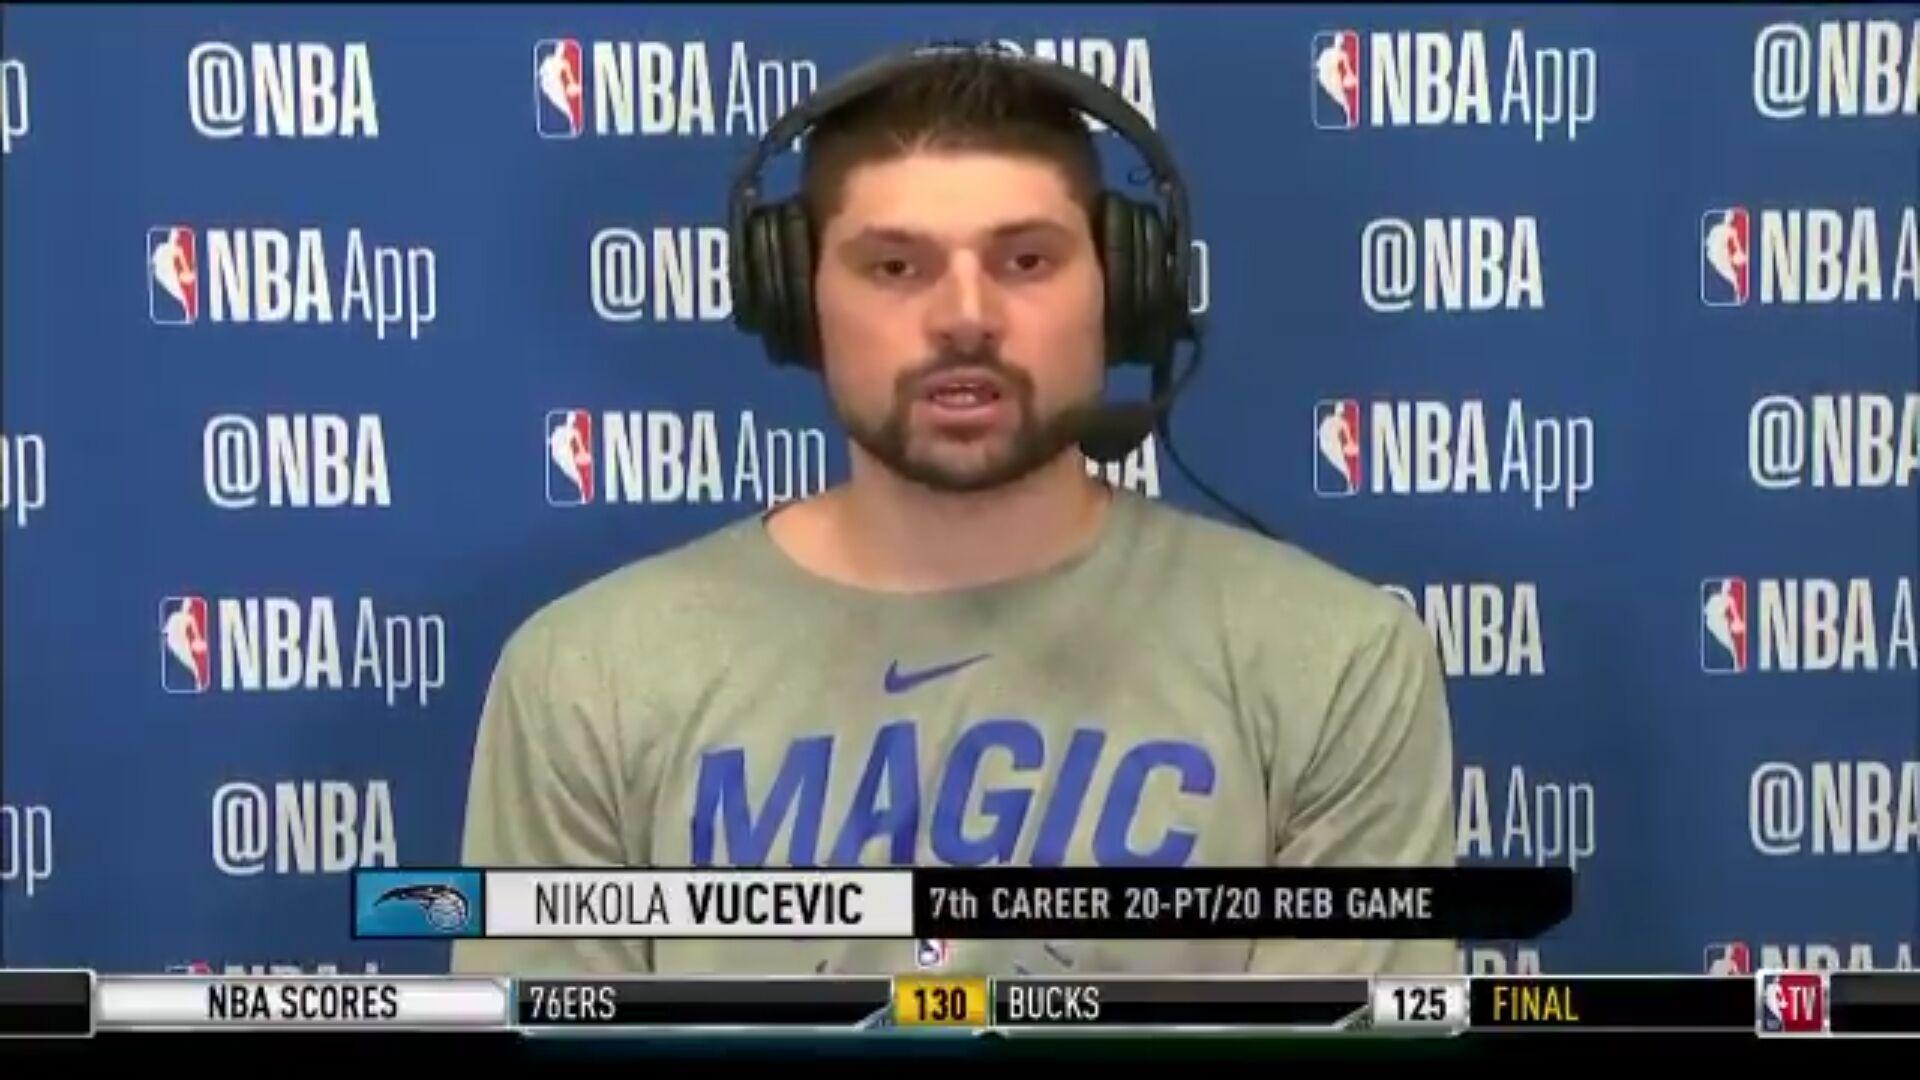 武切维奇:希望能够打进季后赛,这将对我们非常重要